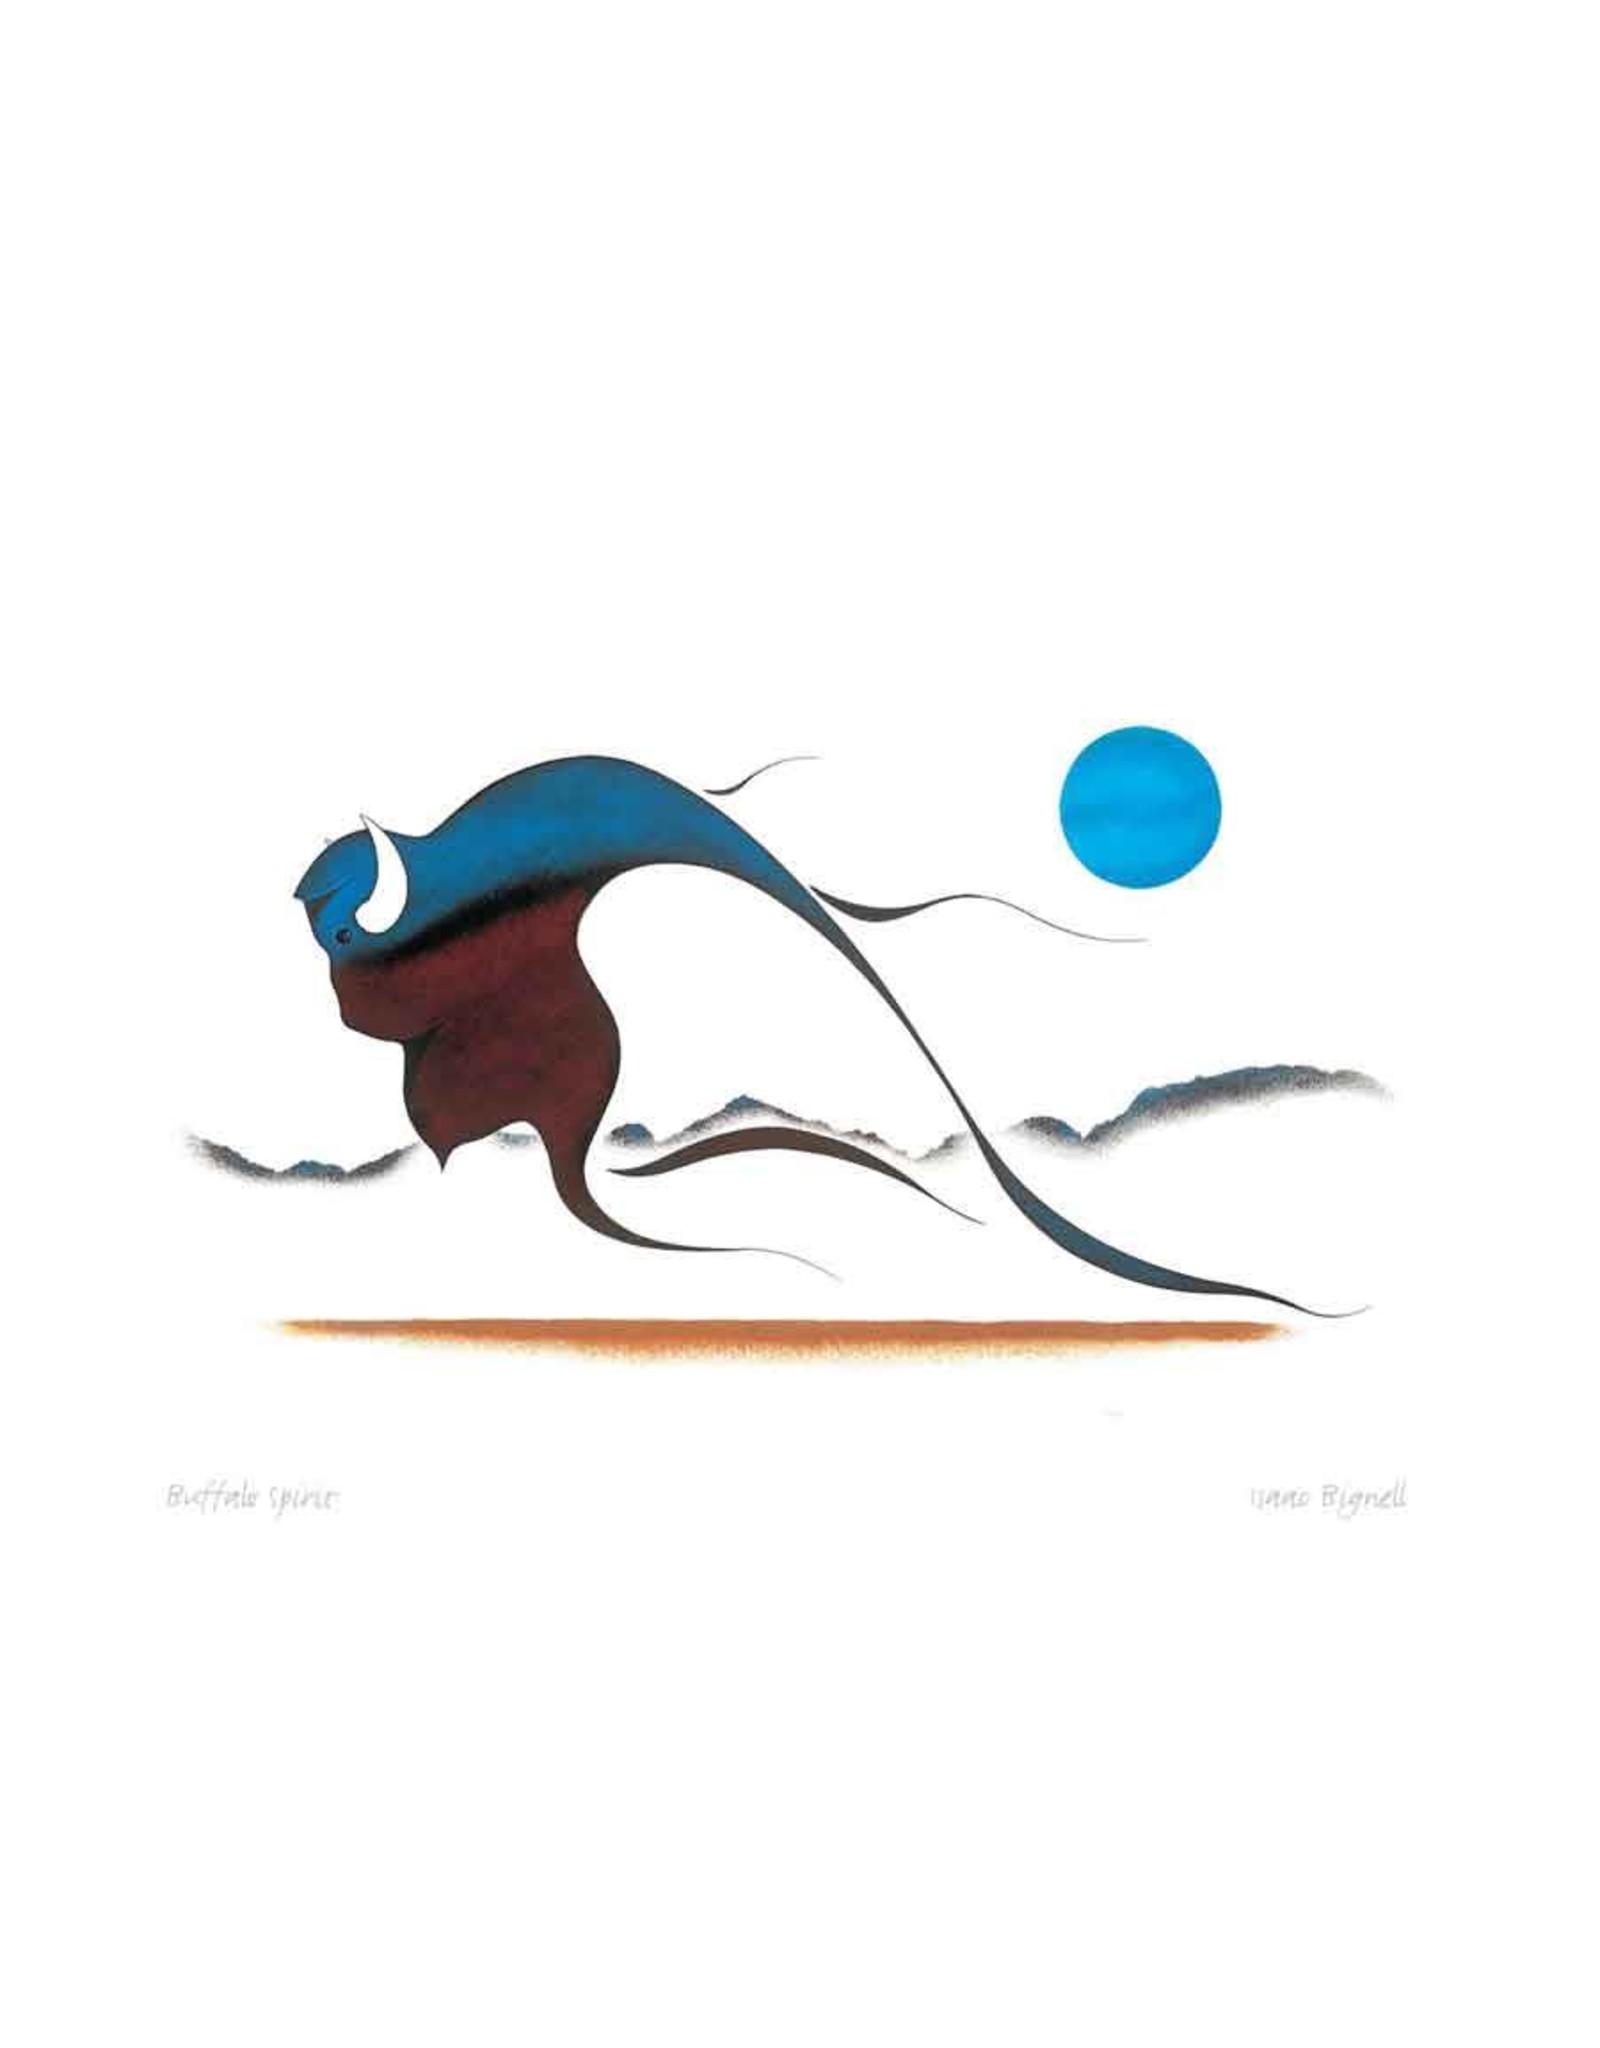 Buffalo Spirit by Isaac Bignell Framed